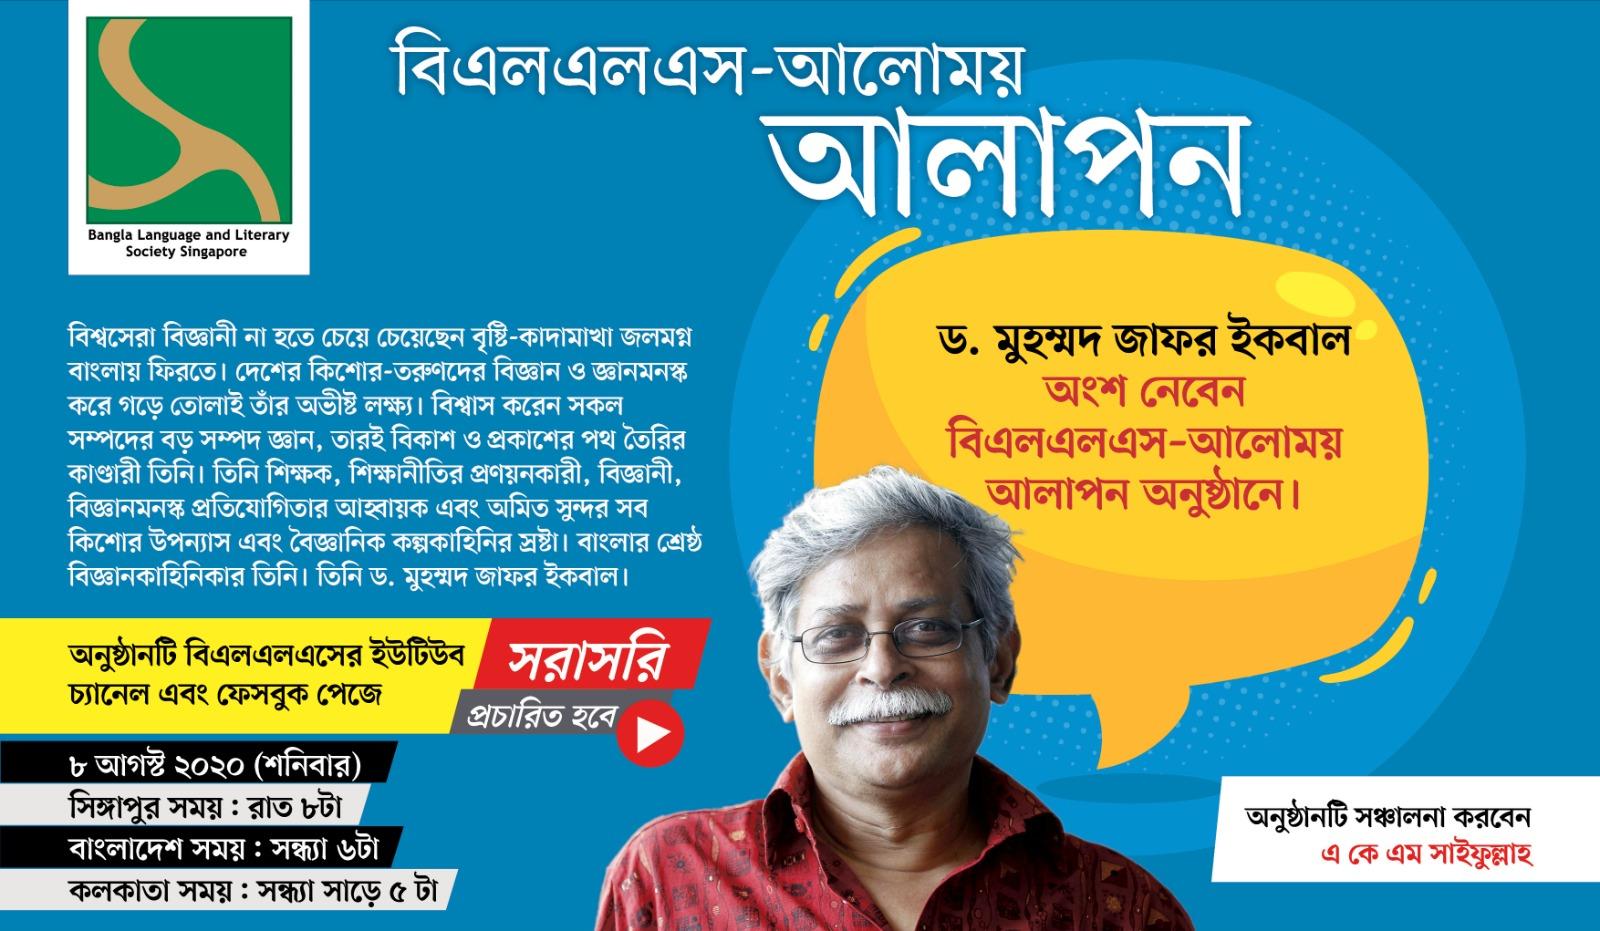 বি এল এল এস আয়োজিত ওয়েবিনার: ডঃ মুহম্মদ জাফর ইকবাল এর উপস্থিতিতে 'আলোময় আলাপন'